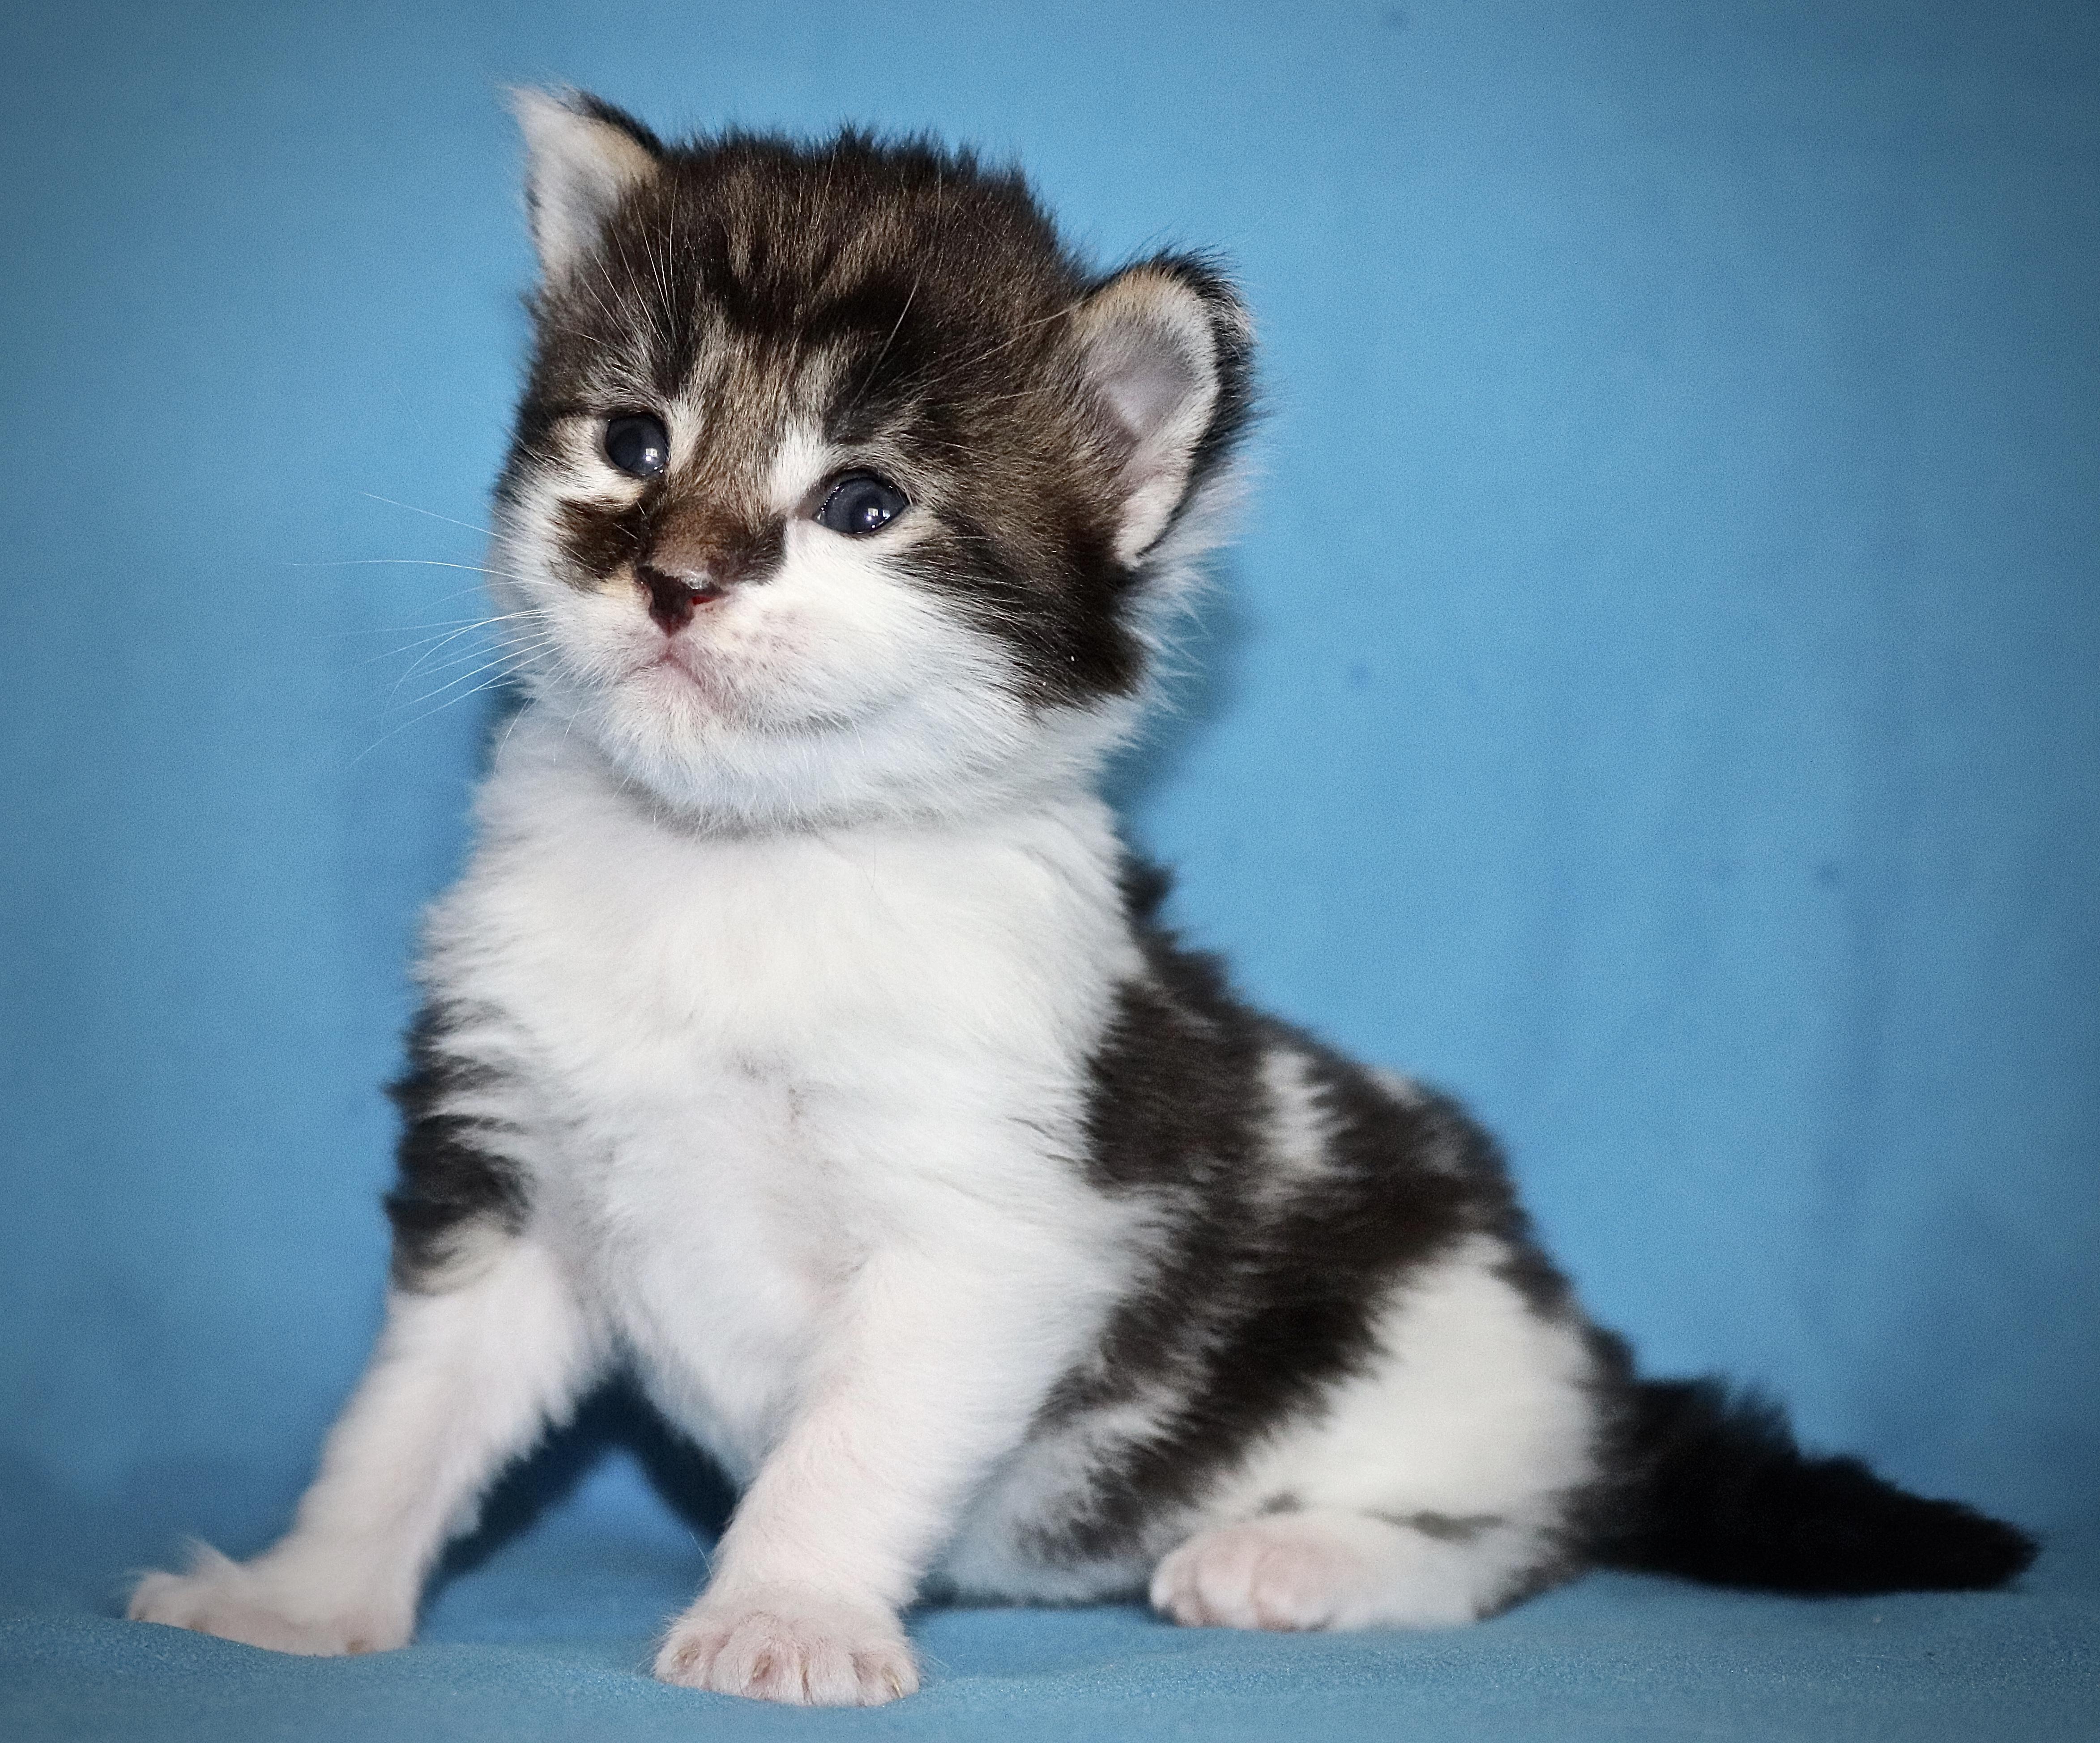 fotka kočky VRH J: JUSTYNA VON ERILLIAN*CZ